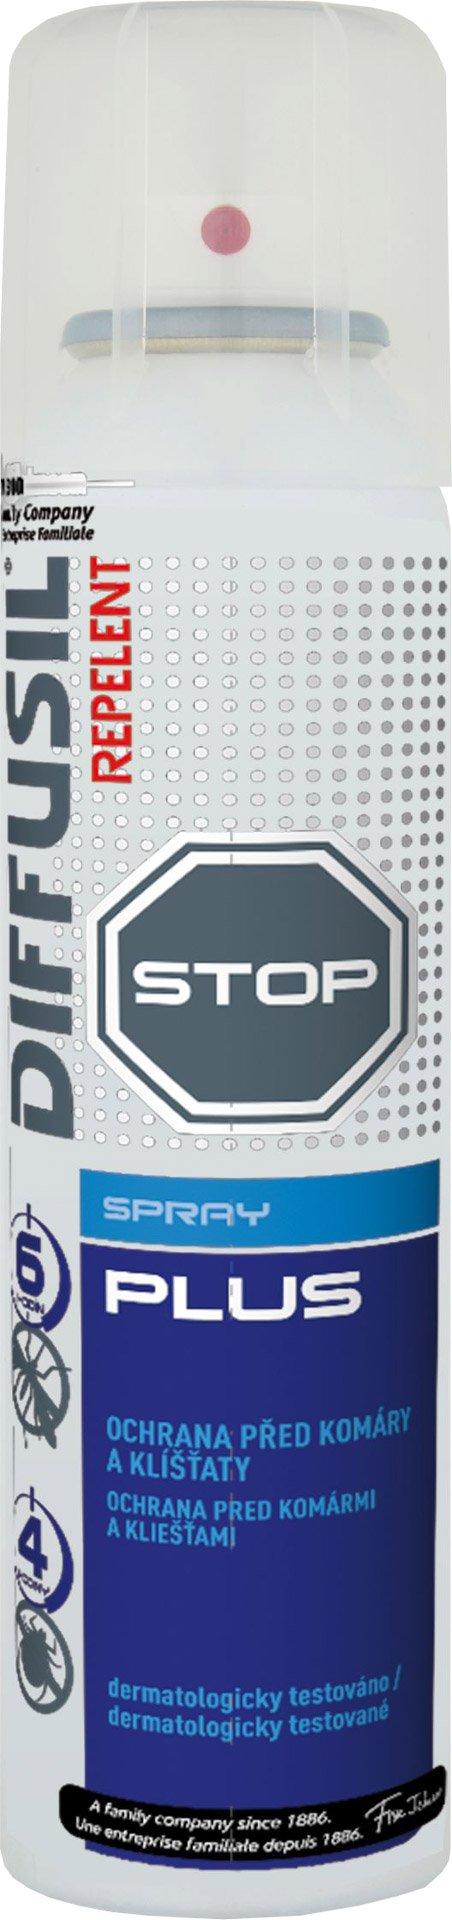 Diffusil - Plus repelent sprej 100 ml